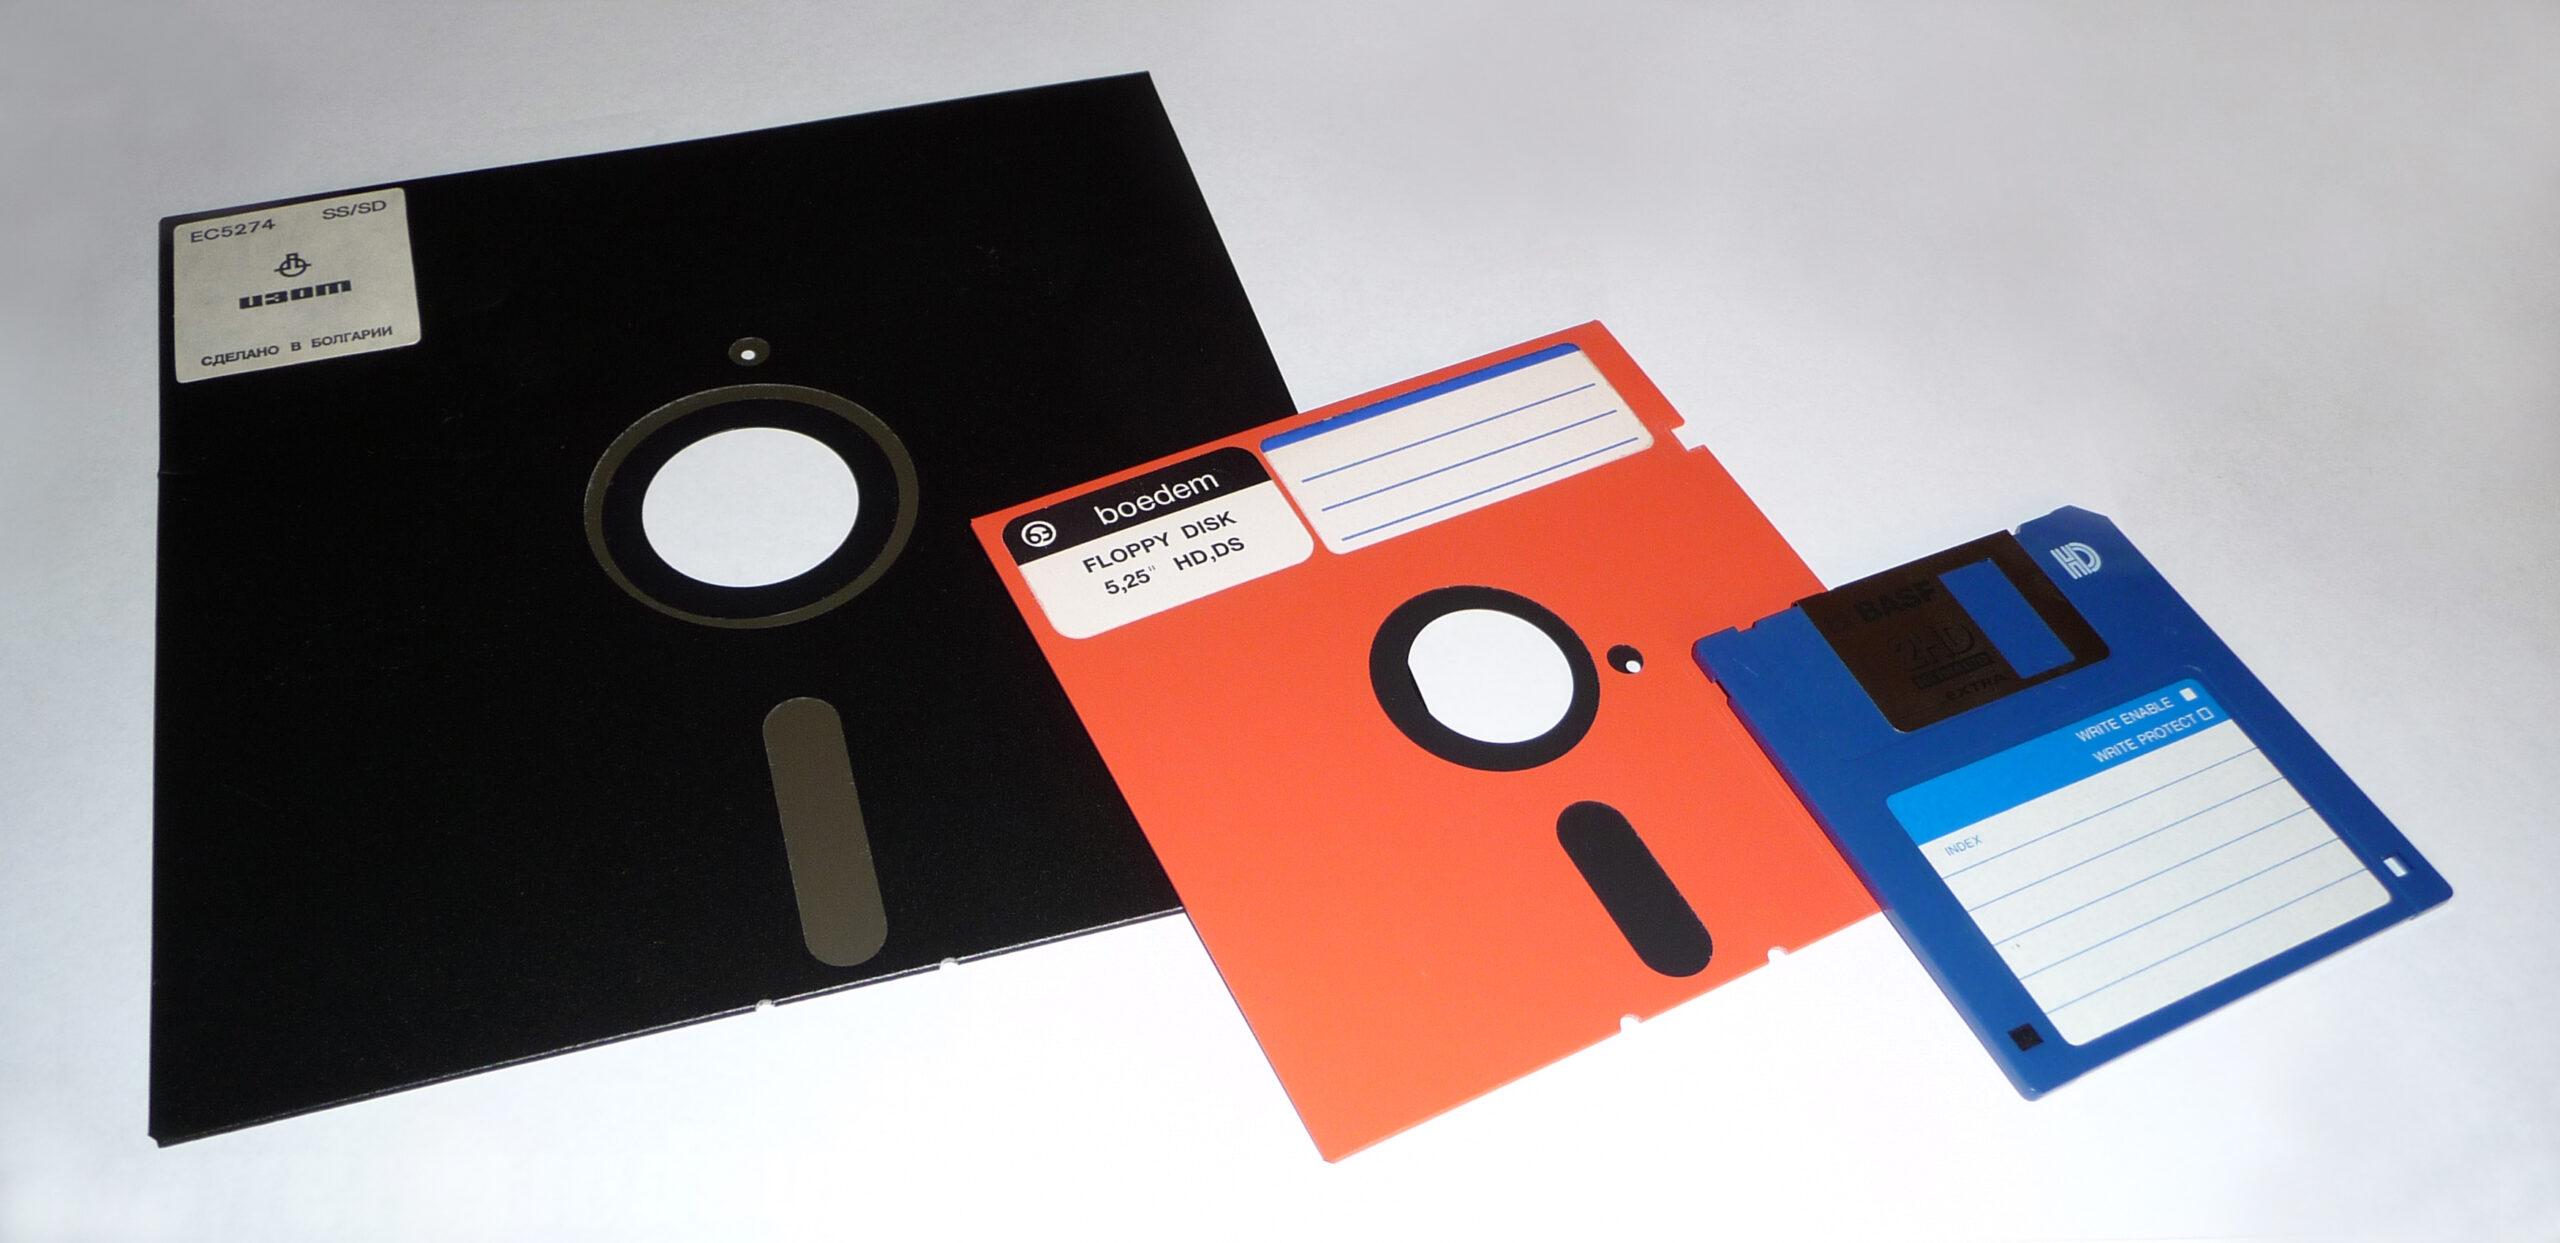 Come leggere un disco floppy su un PC o Mac moderno